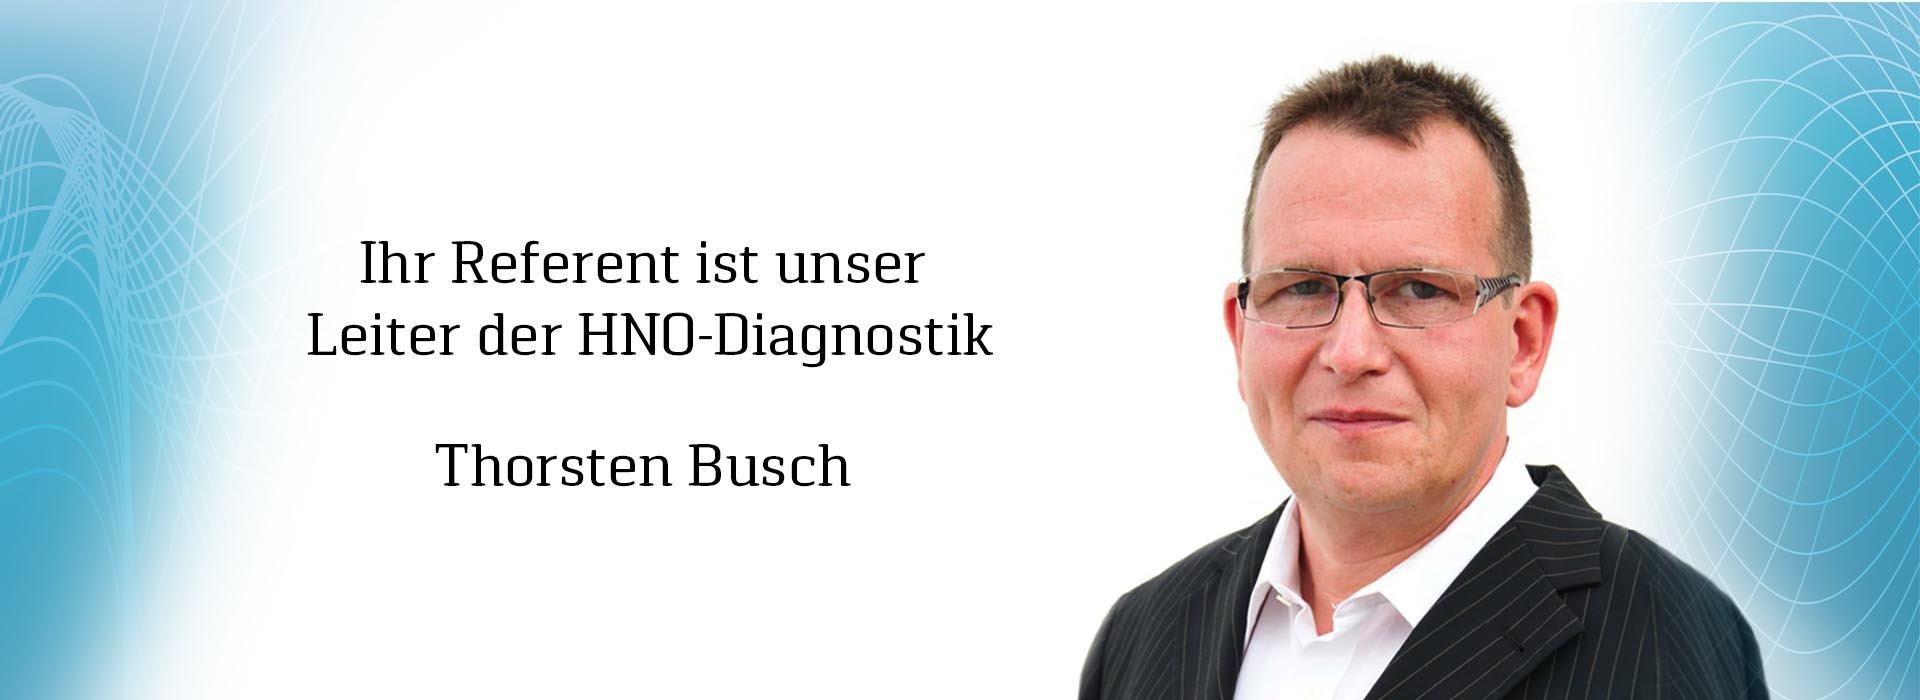 seminar_busch_22